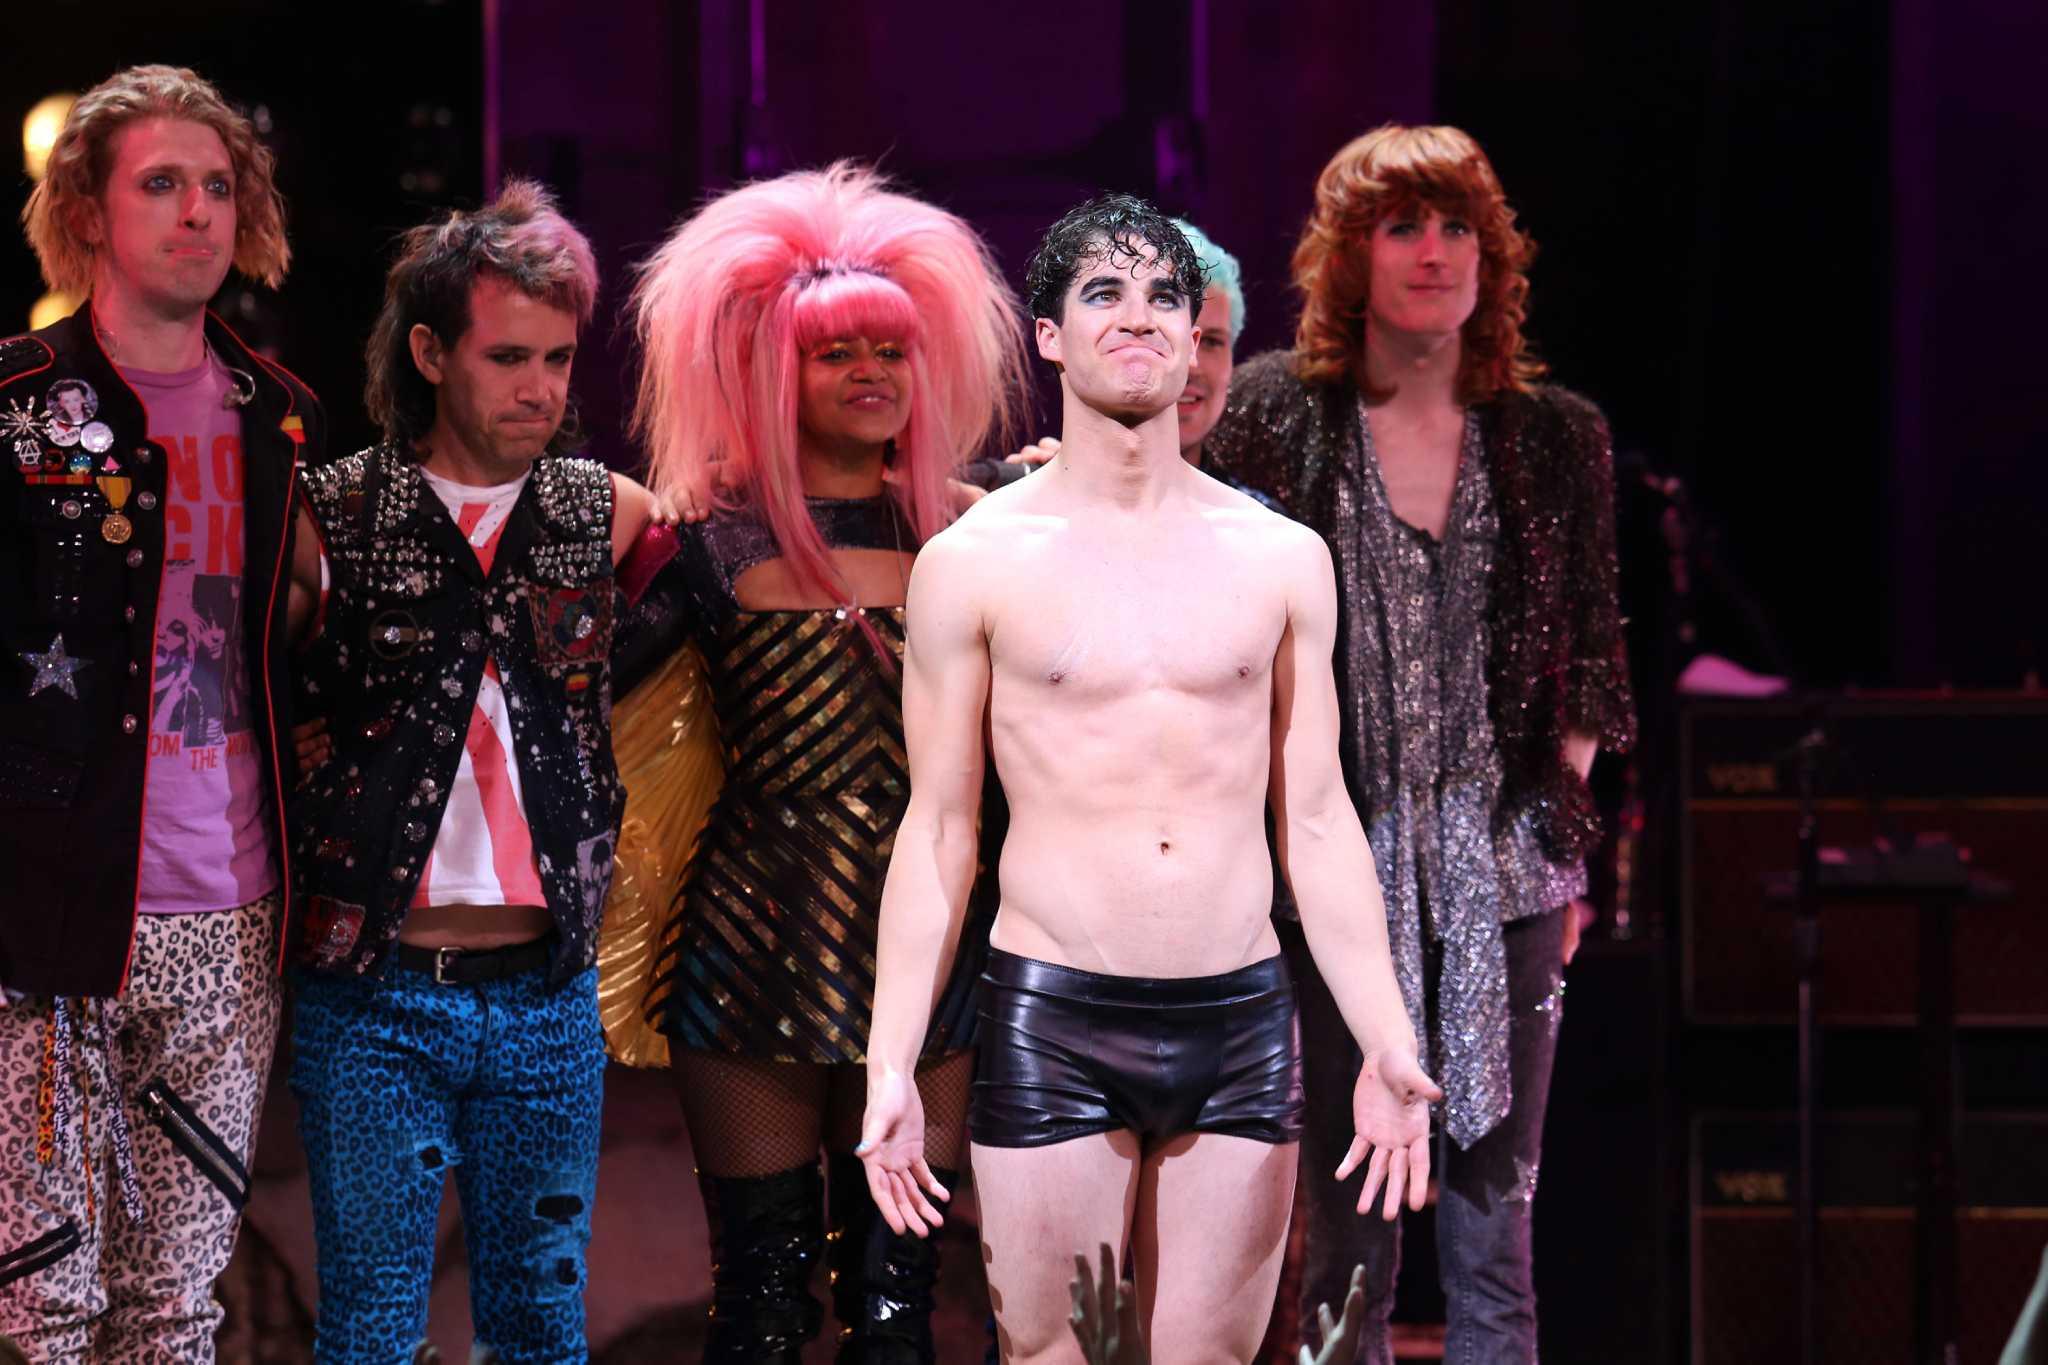 Darren Chris'in Gay Porno Yıldızıyla Öpüşmesi Dedikodu Konusu Oldu